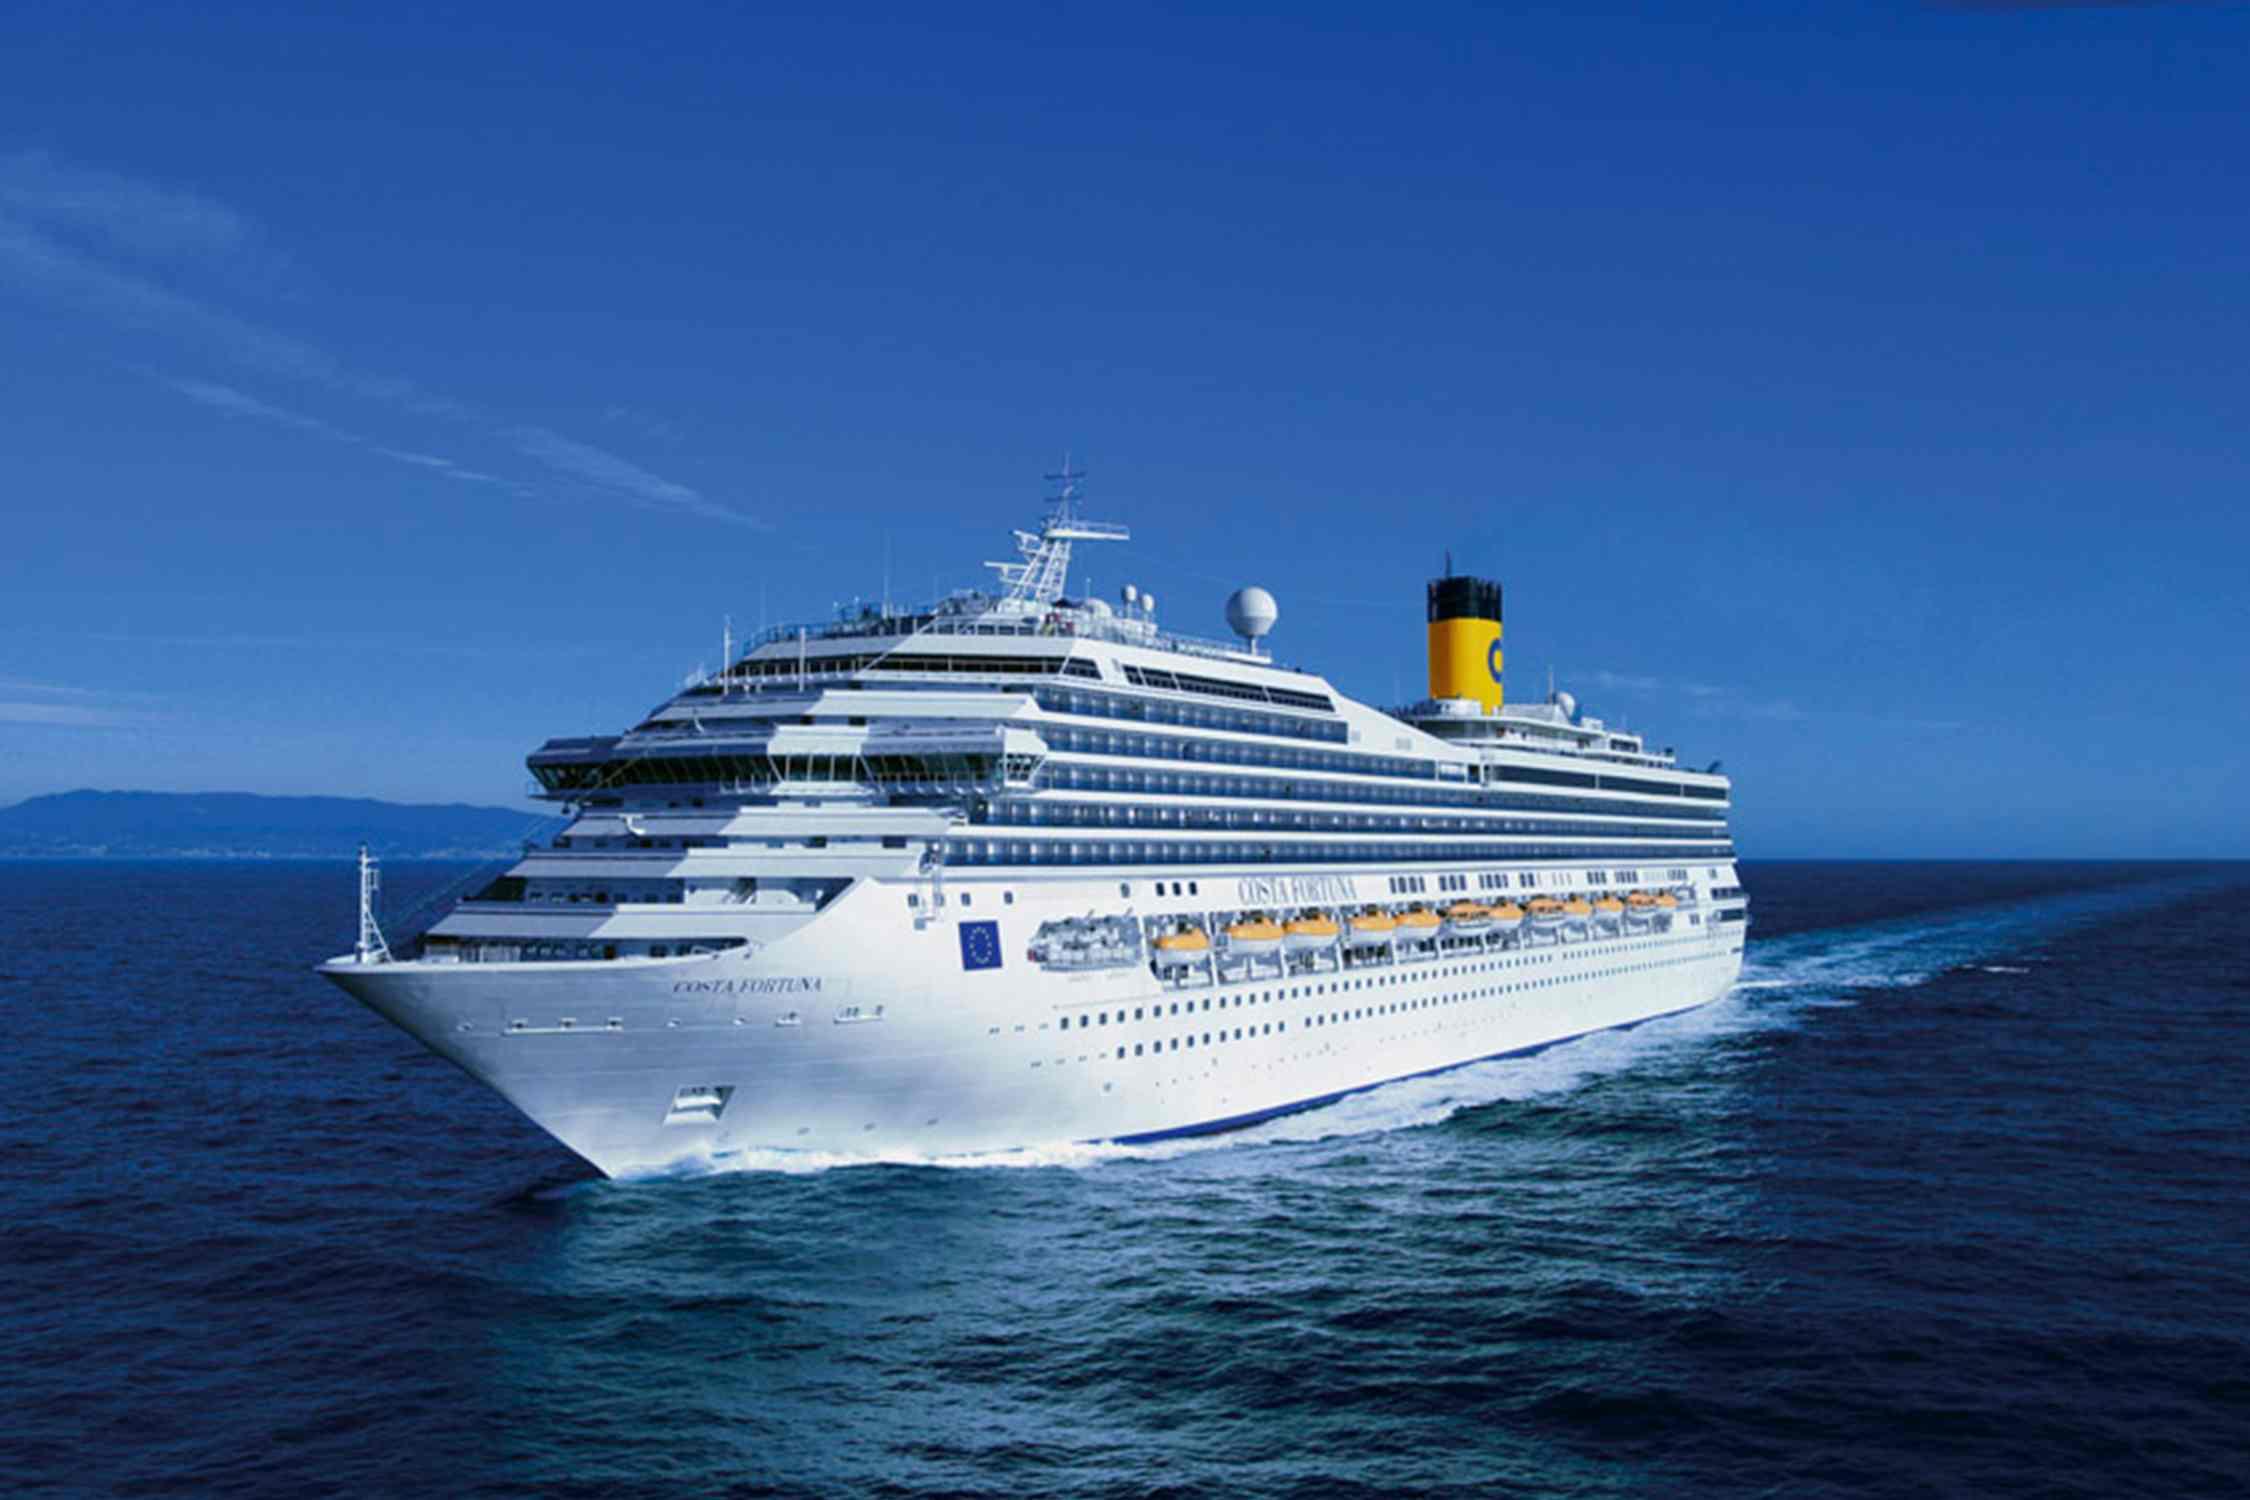 ทัวร์ล่องเรือสำราญ แหลมฉบัง – สีหนุวิลล์ - เกาะฟูก๊วก - เกาะสมุย – แหลมฉบัง